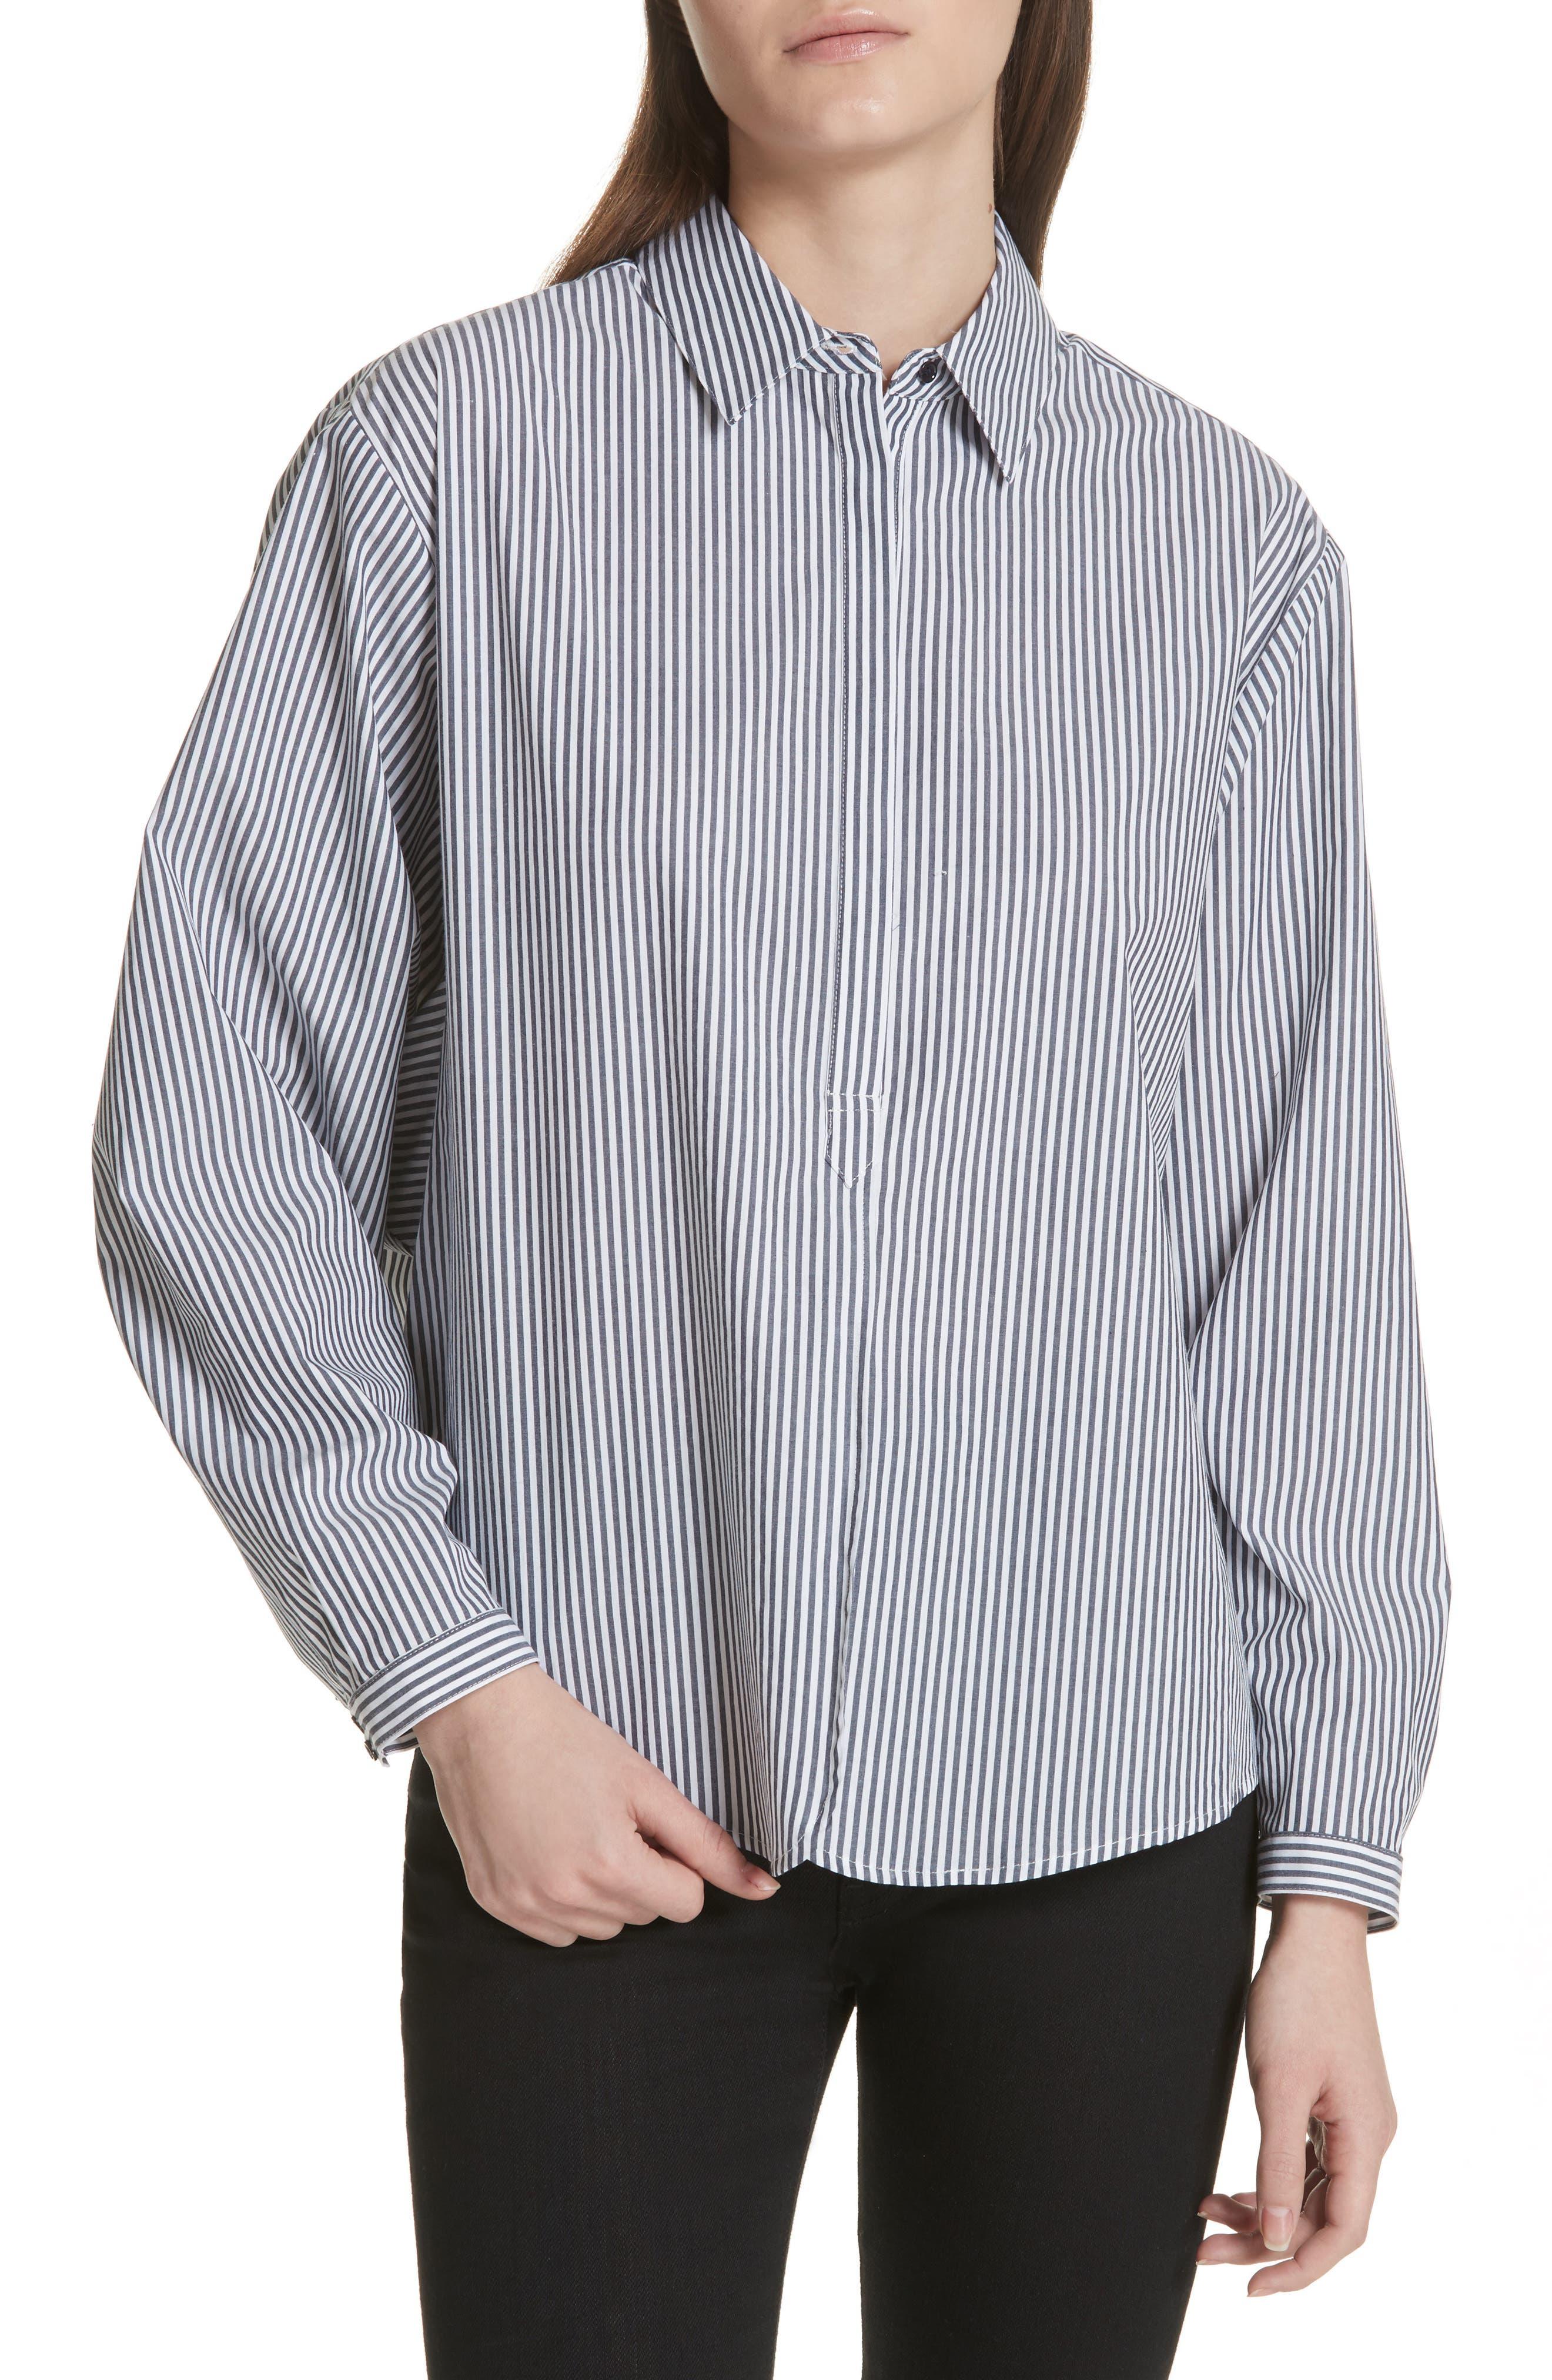 Anjanique Spread Collar Top,                         Main,                         color, Dark Navy